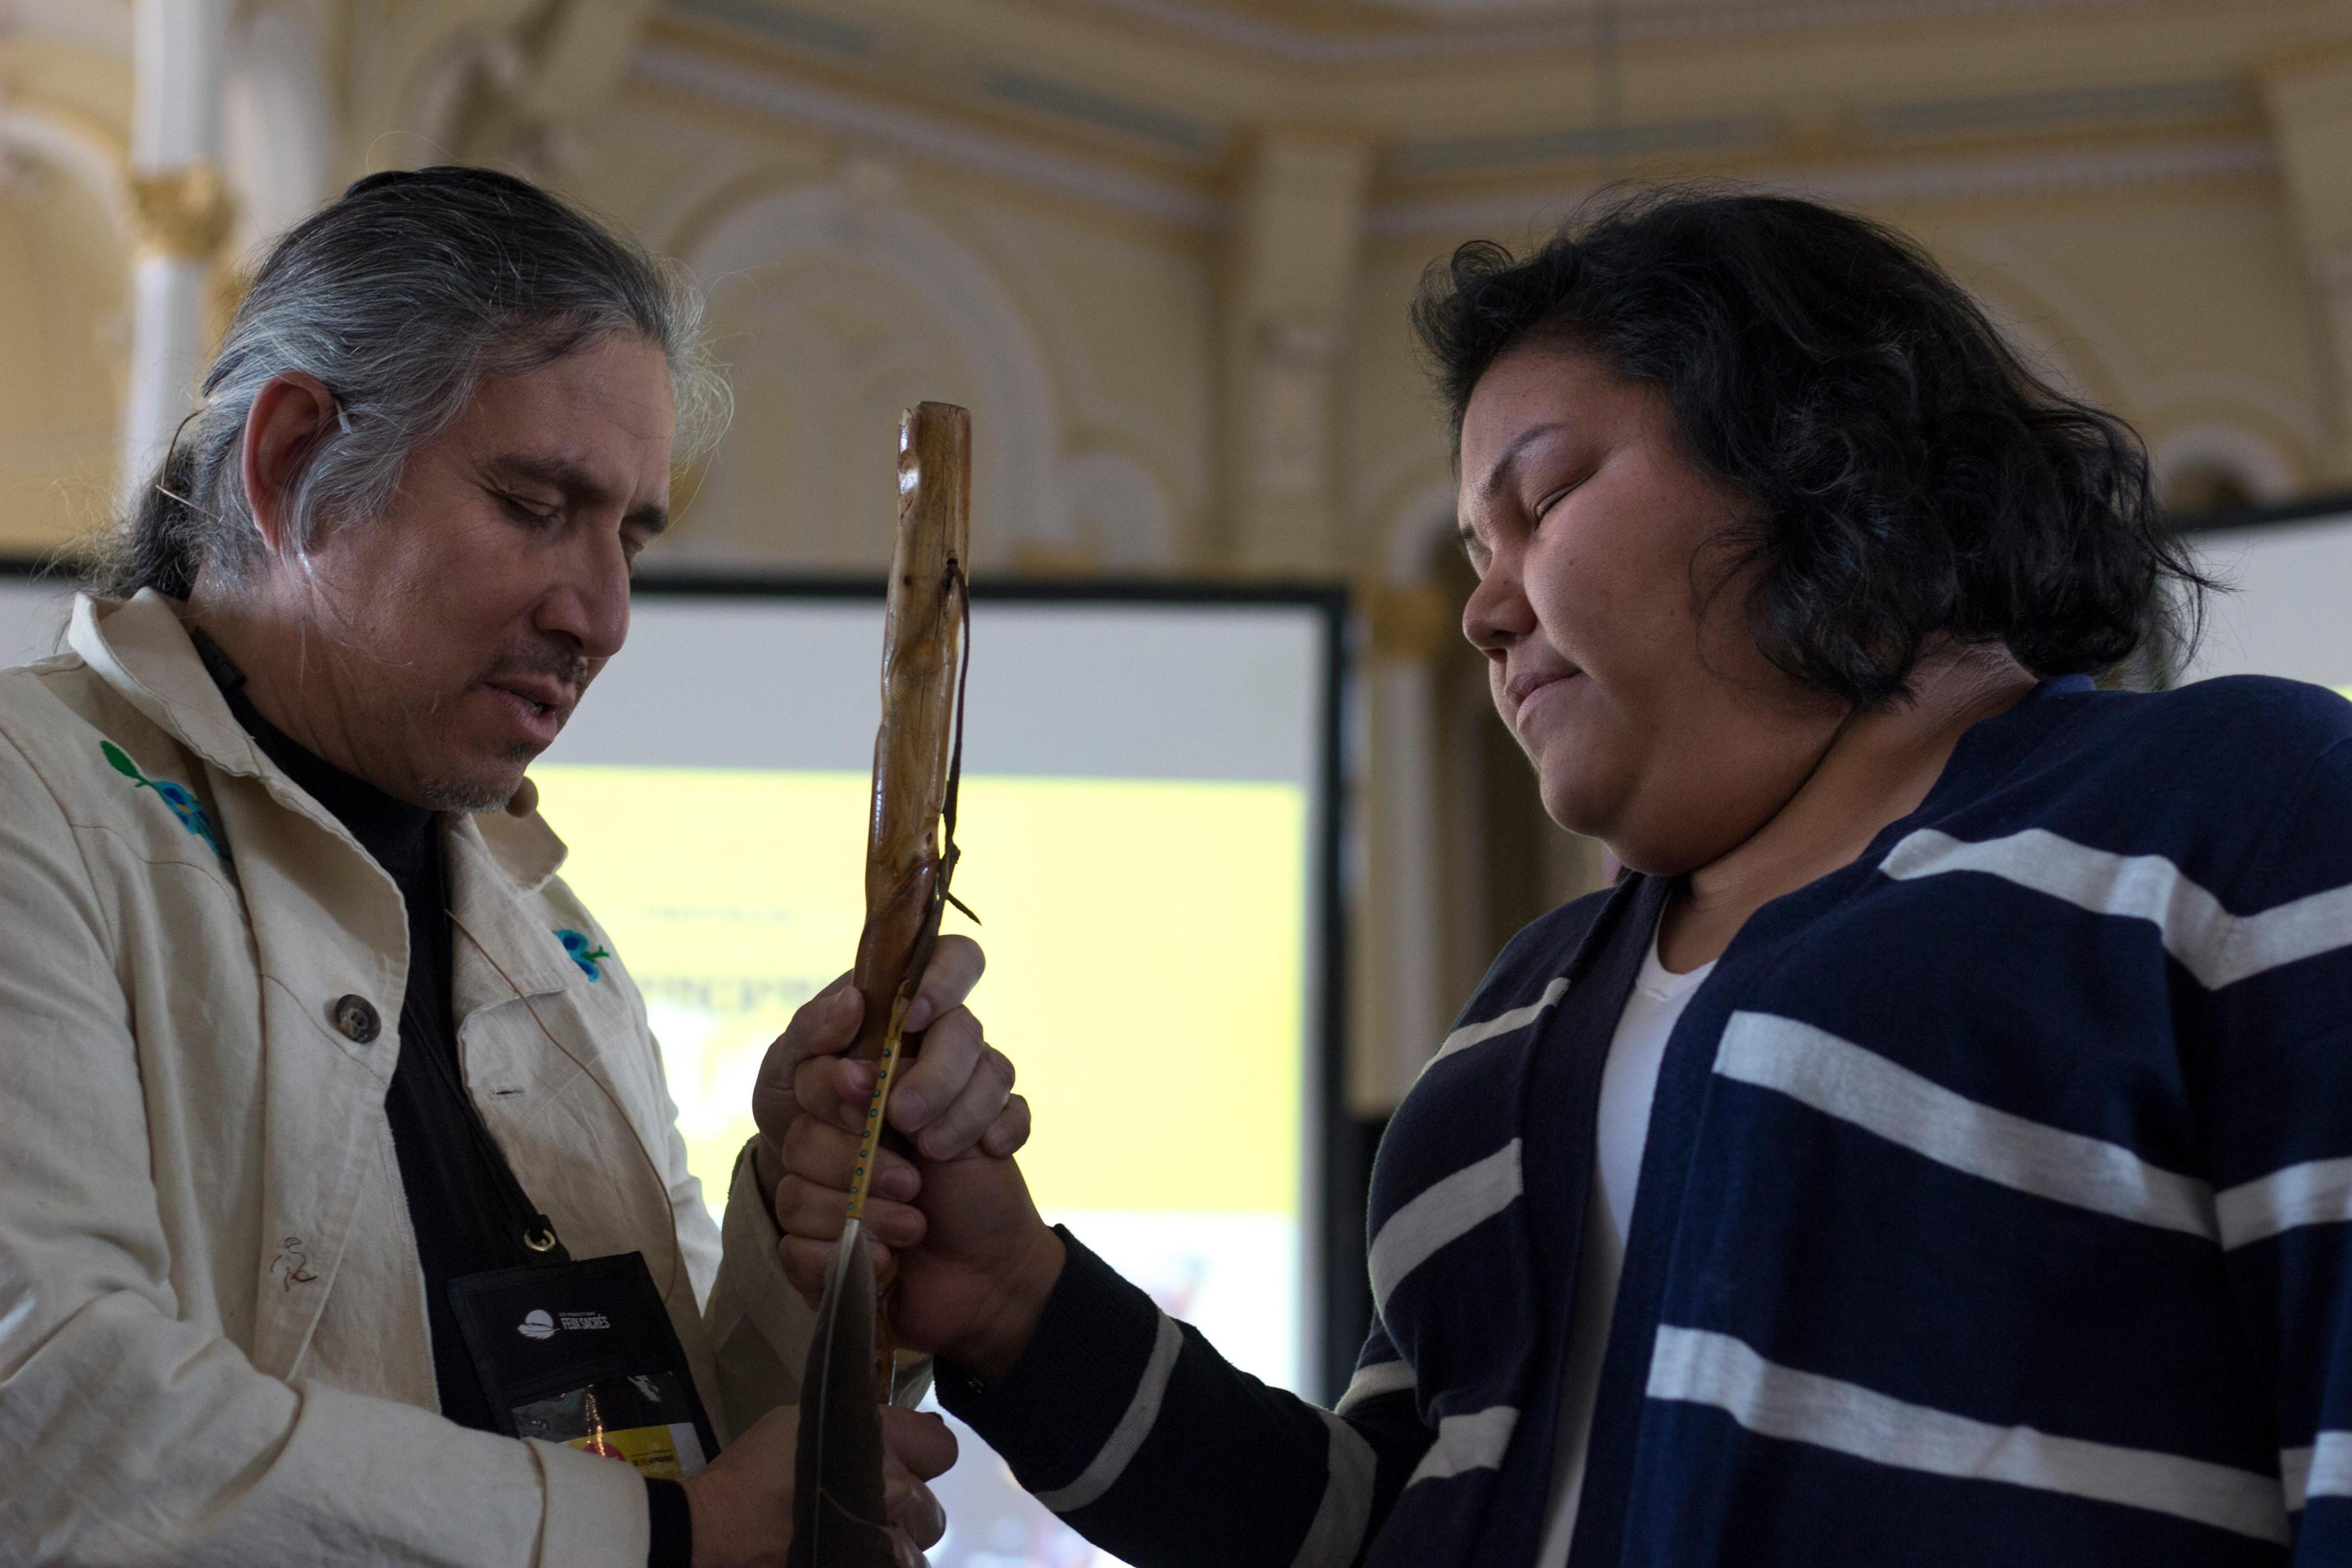 Le docteur et une jeune Innue tiennent dans leurs mains un bâton de marche.